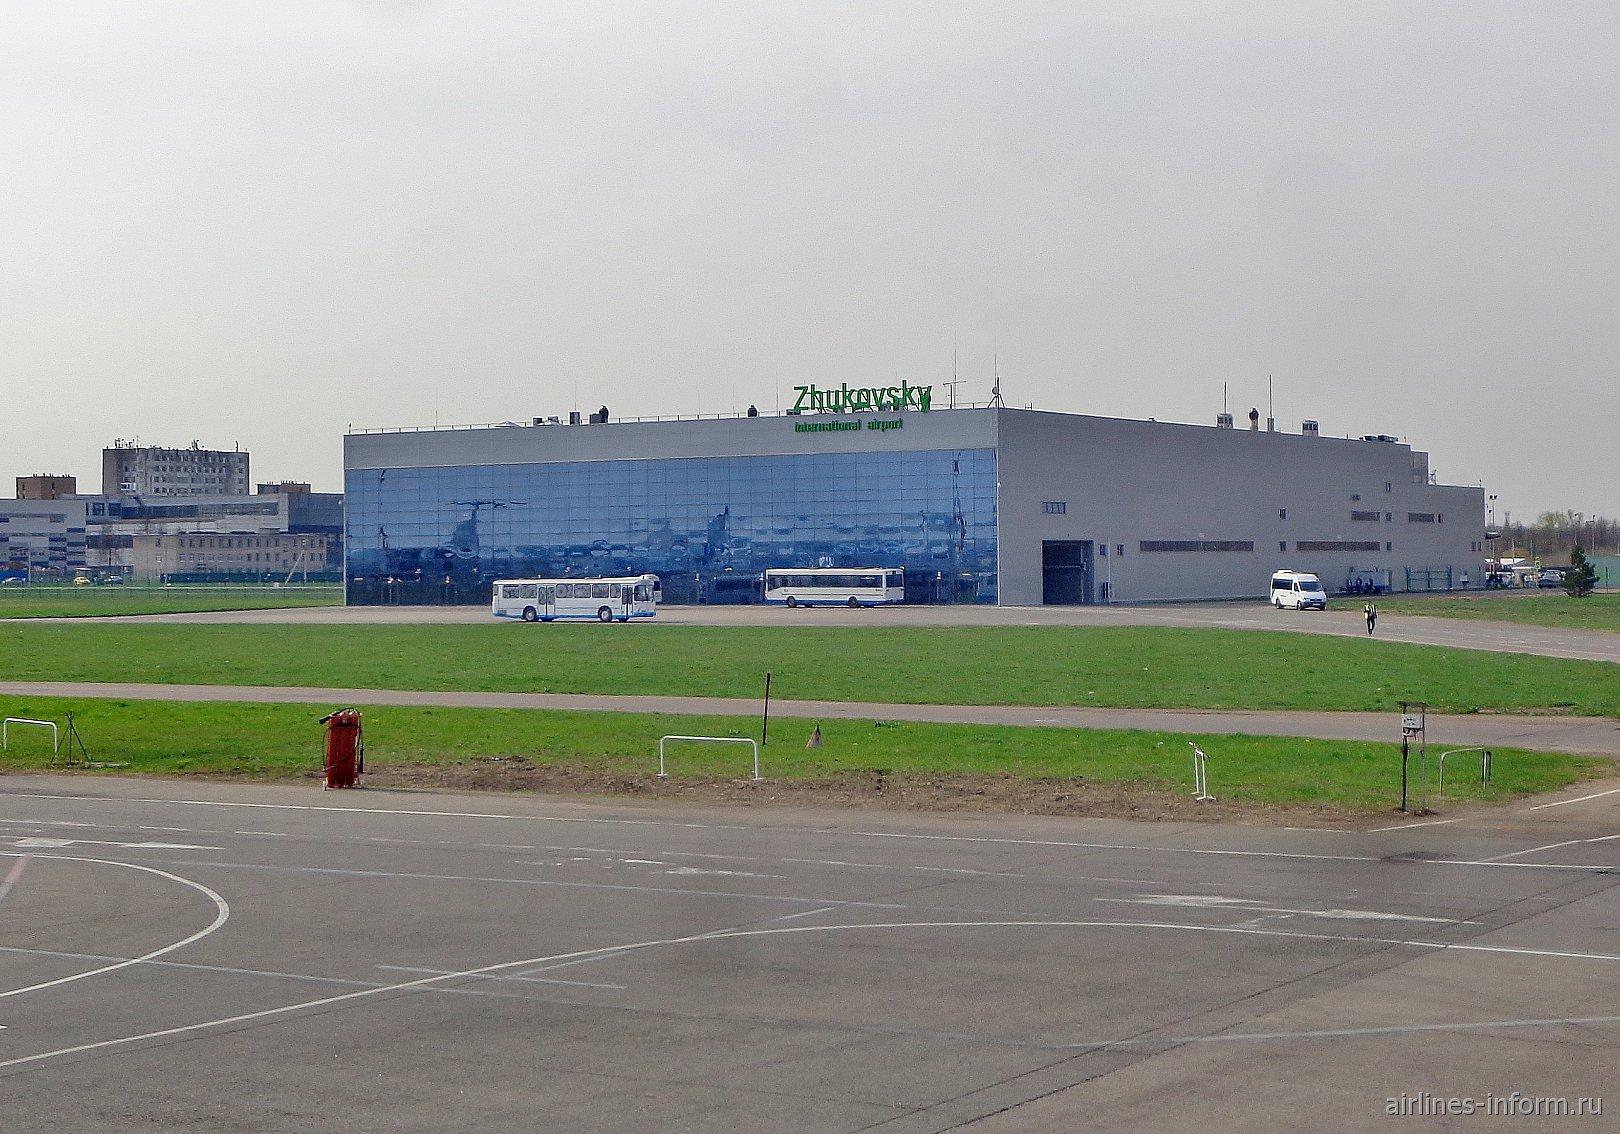 Пассажирский терминал аэропорта Жуковский со стороны перрона